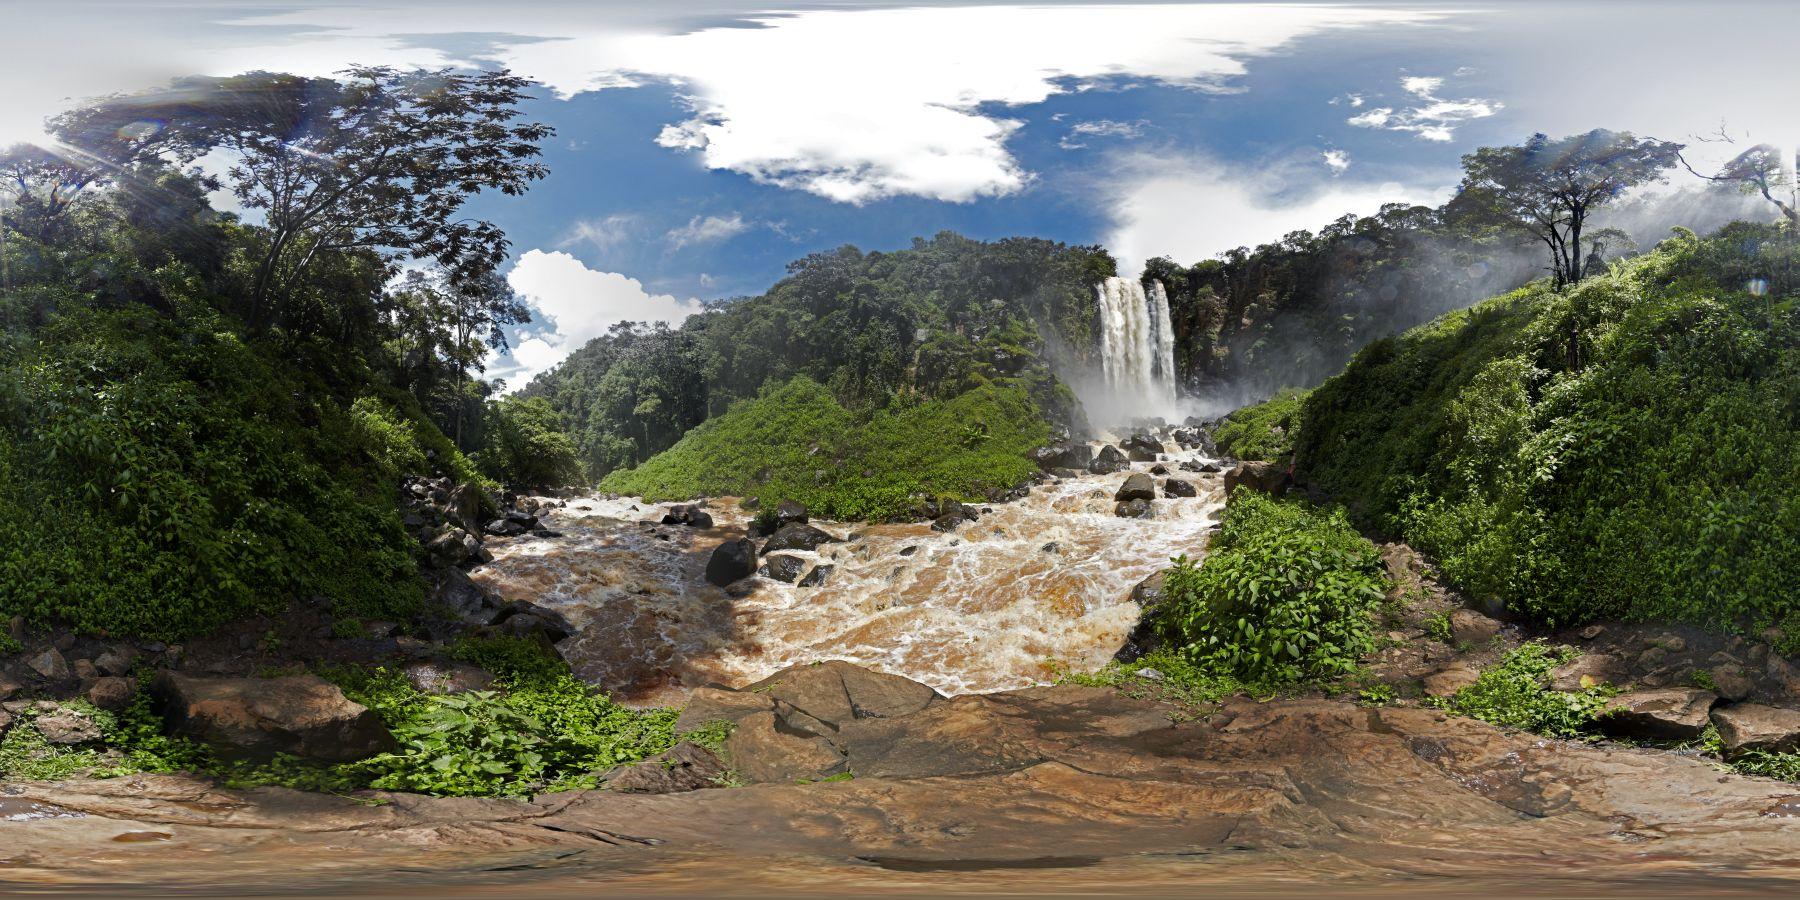 Kenia Thomson Falls 5